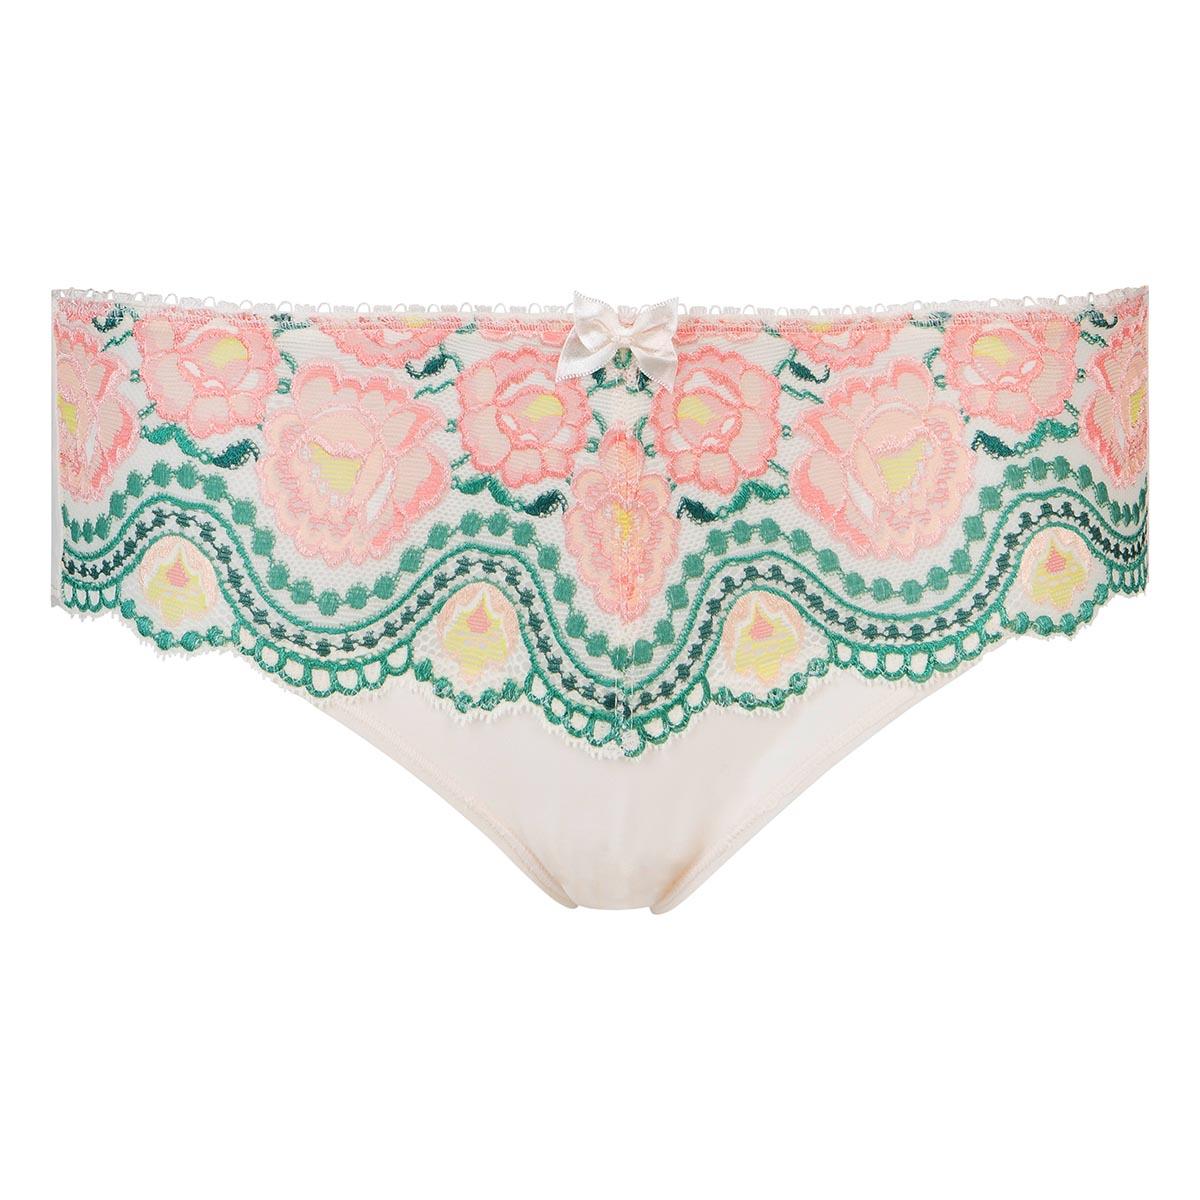 Midi knickers in printed floral lace - Flower Elegance, , PLAYTEX